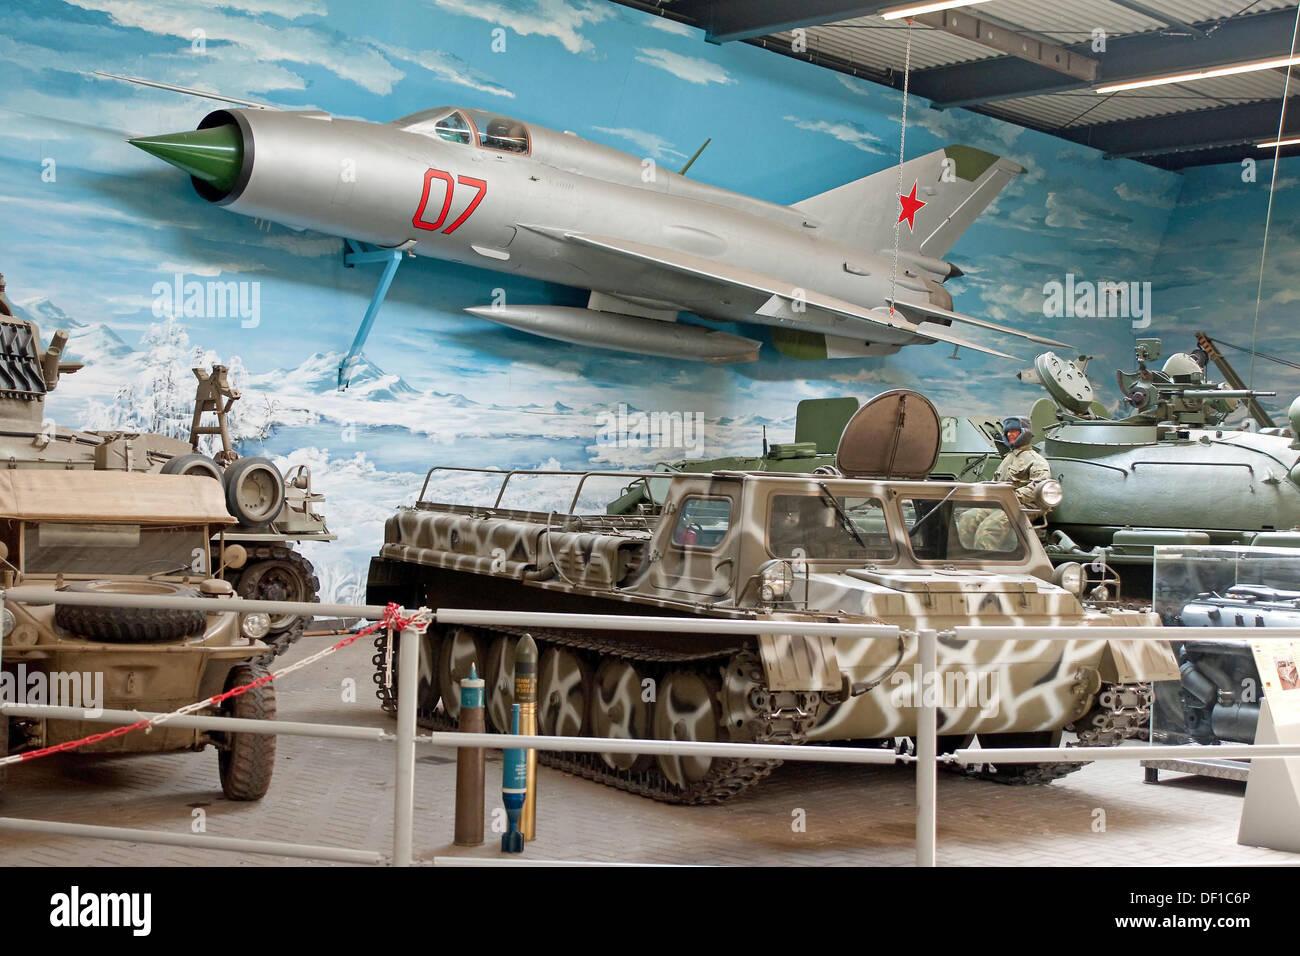 Guerra Fría soviética Mig 21 aviones de combate y vehículos militares muestra en el Museo de la guerra de Overloon, Países Bajos Imagen De Stock